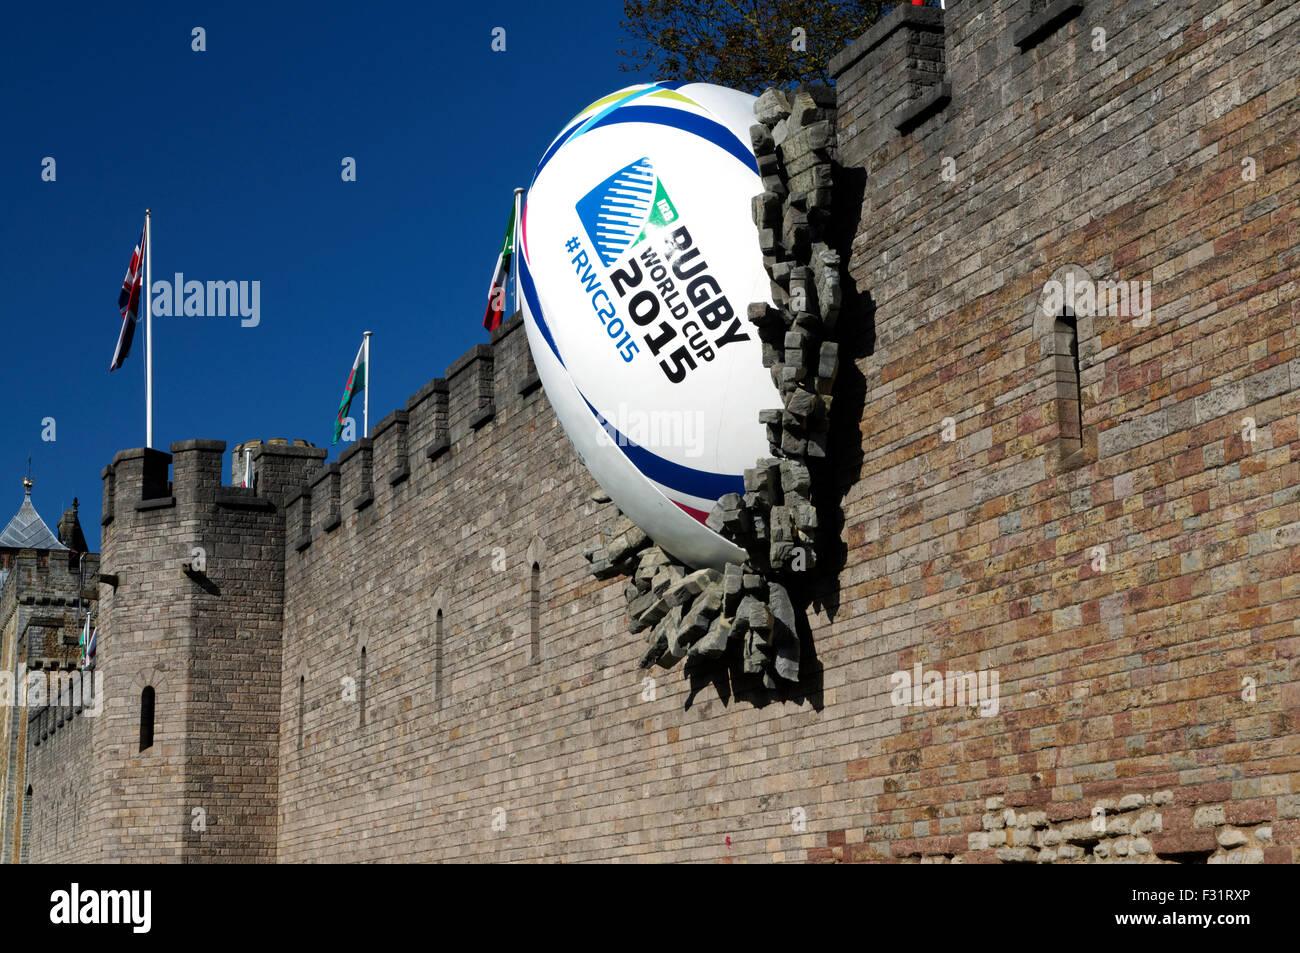 Gigante palla da rugby si è schiantato contro il muro di castello di Cardiff per contrassegnare l'apertura Immagini Stock